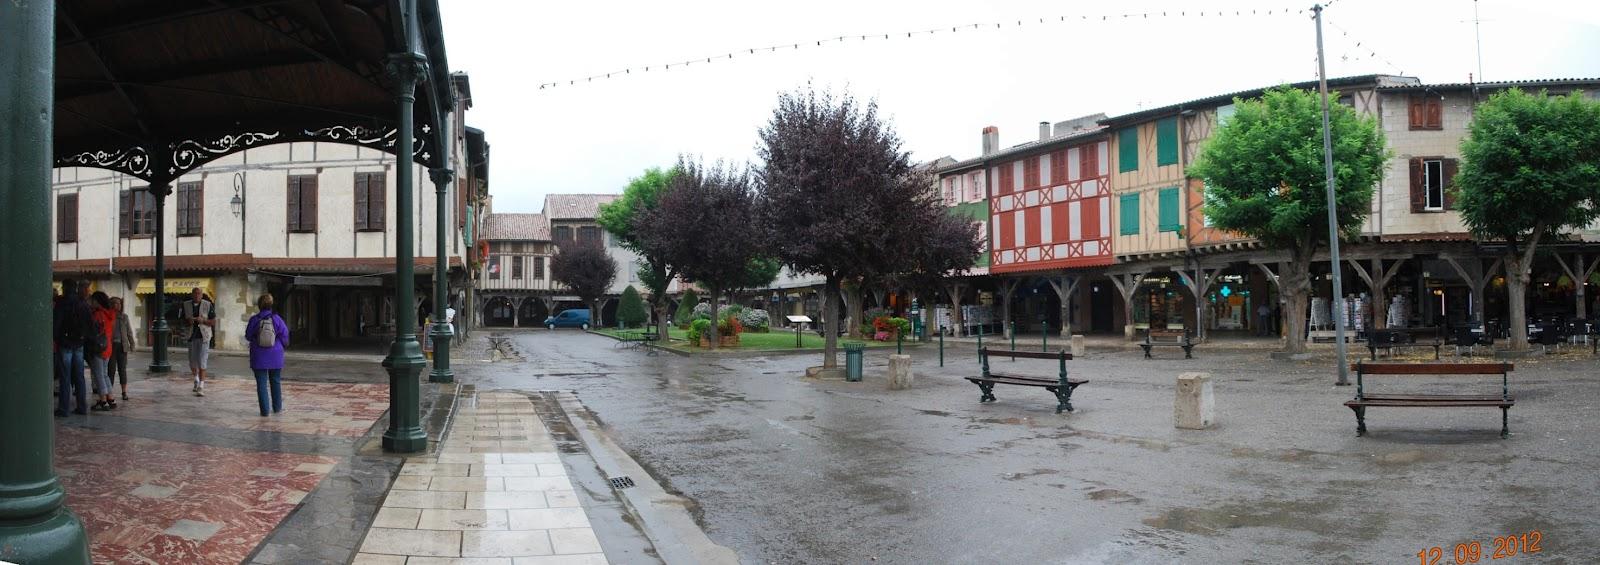 Lesdanjean ari ge mirepoix foix 12 septembre 2012 - Office de tourisme de mirepoix ...